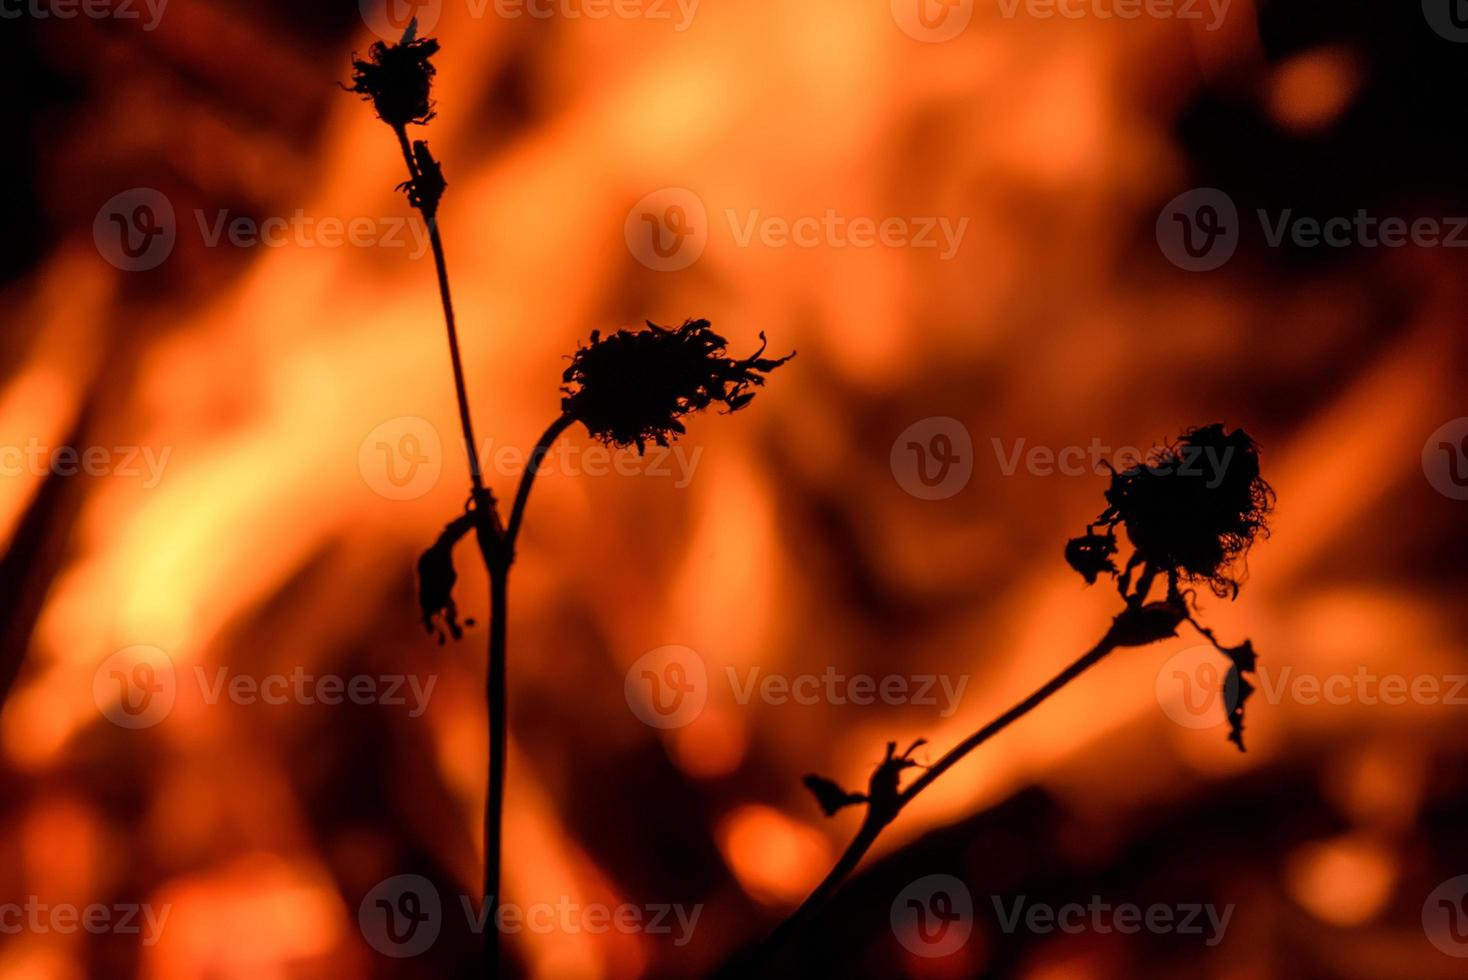 feu flamme feu de joie brindille photo